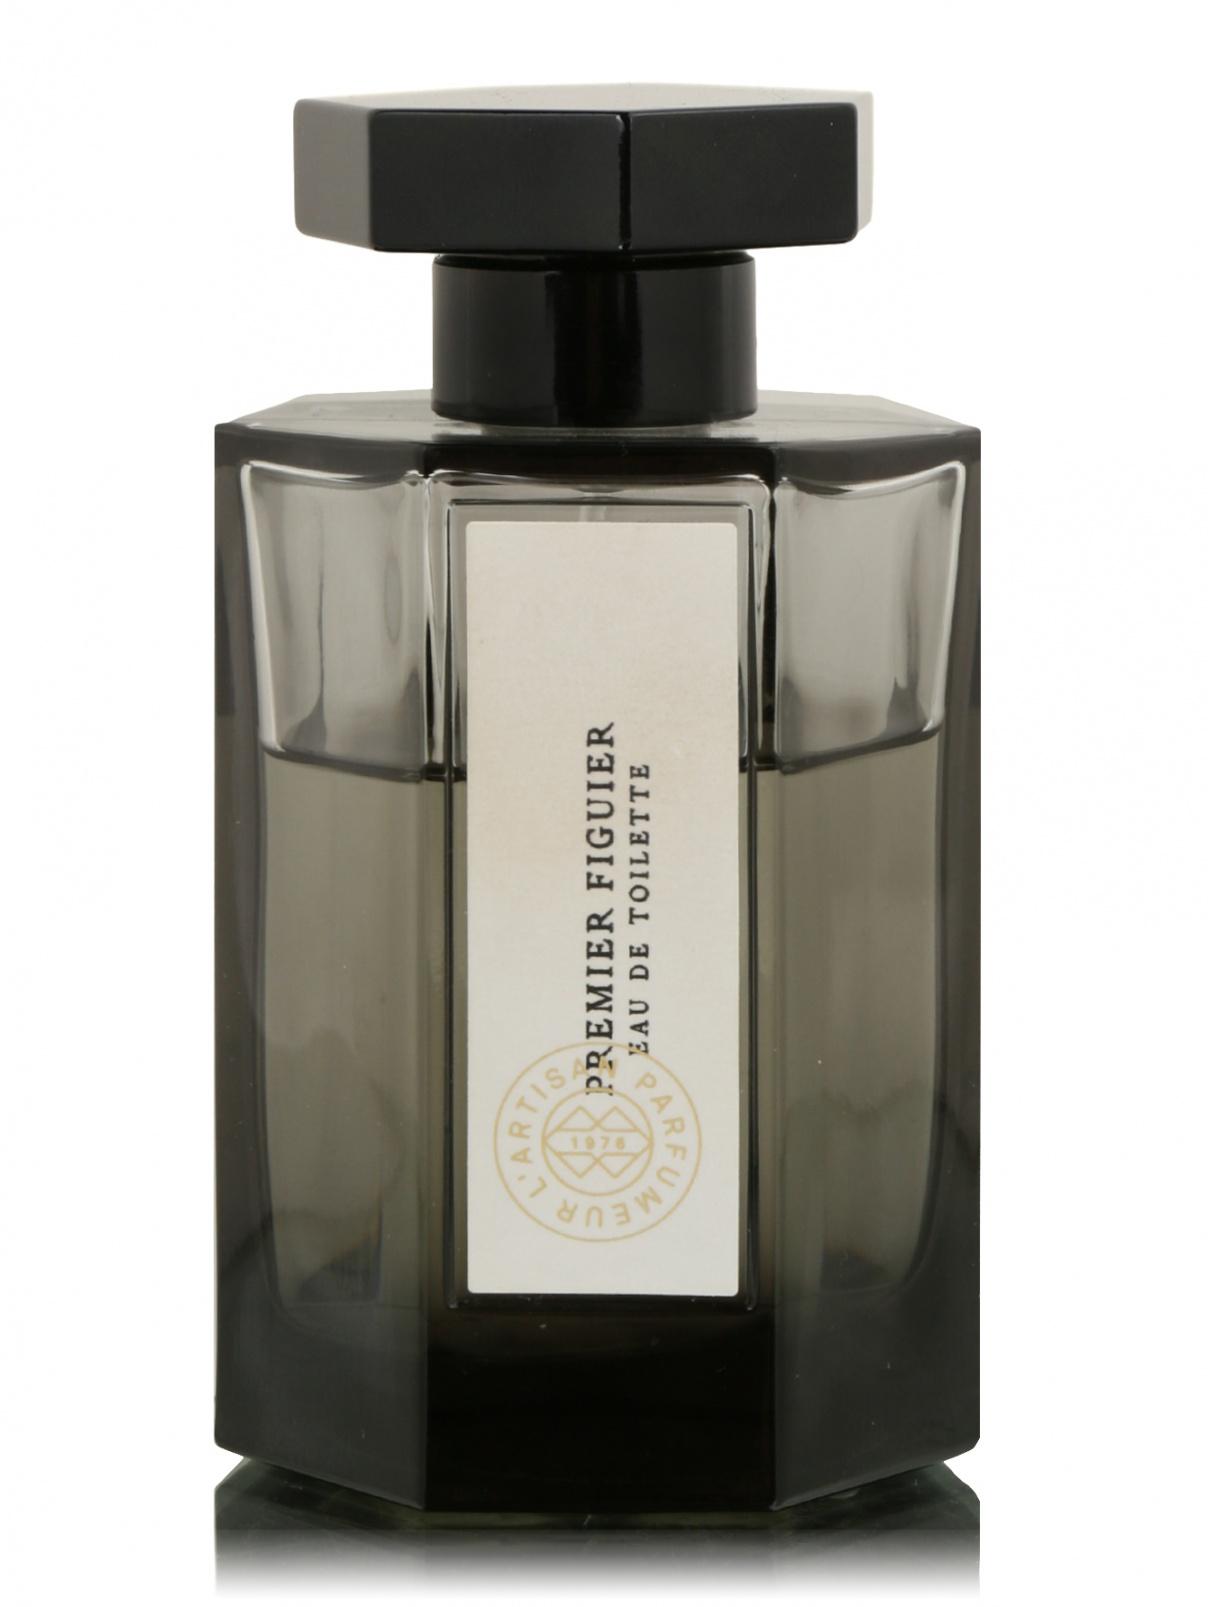 Туалетная вода 100 мл Premier Figuier L'Artisan Parfumeur  –  Общий вид